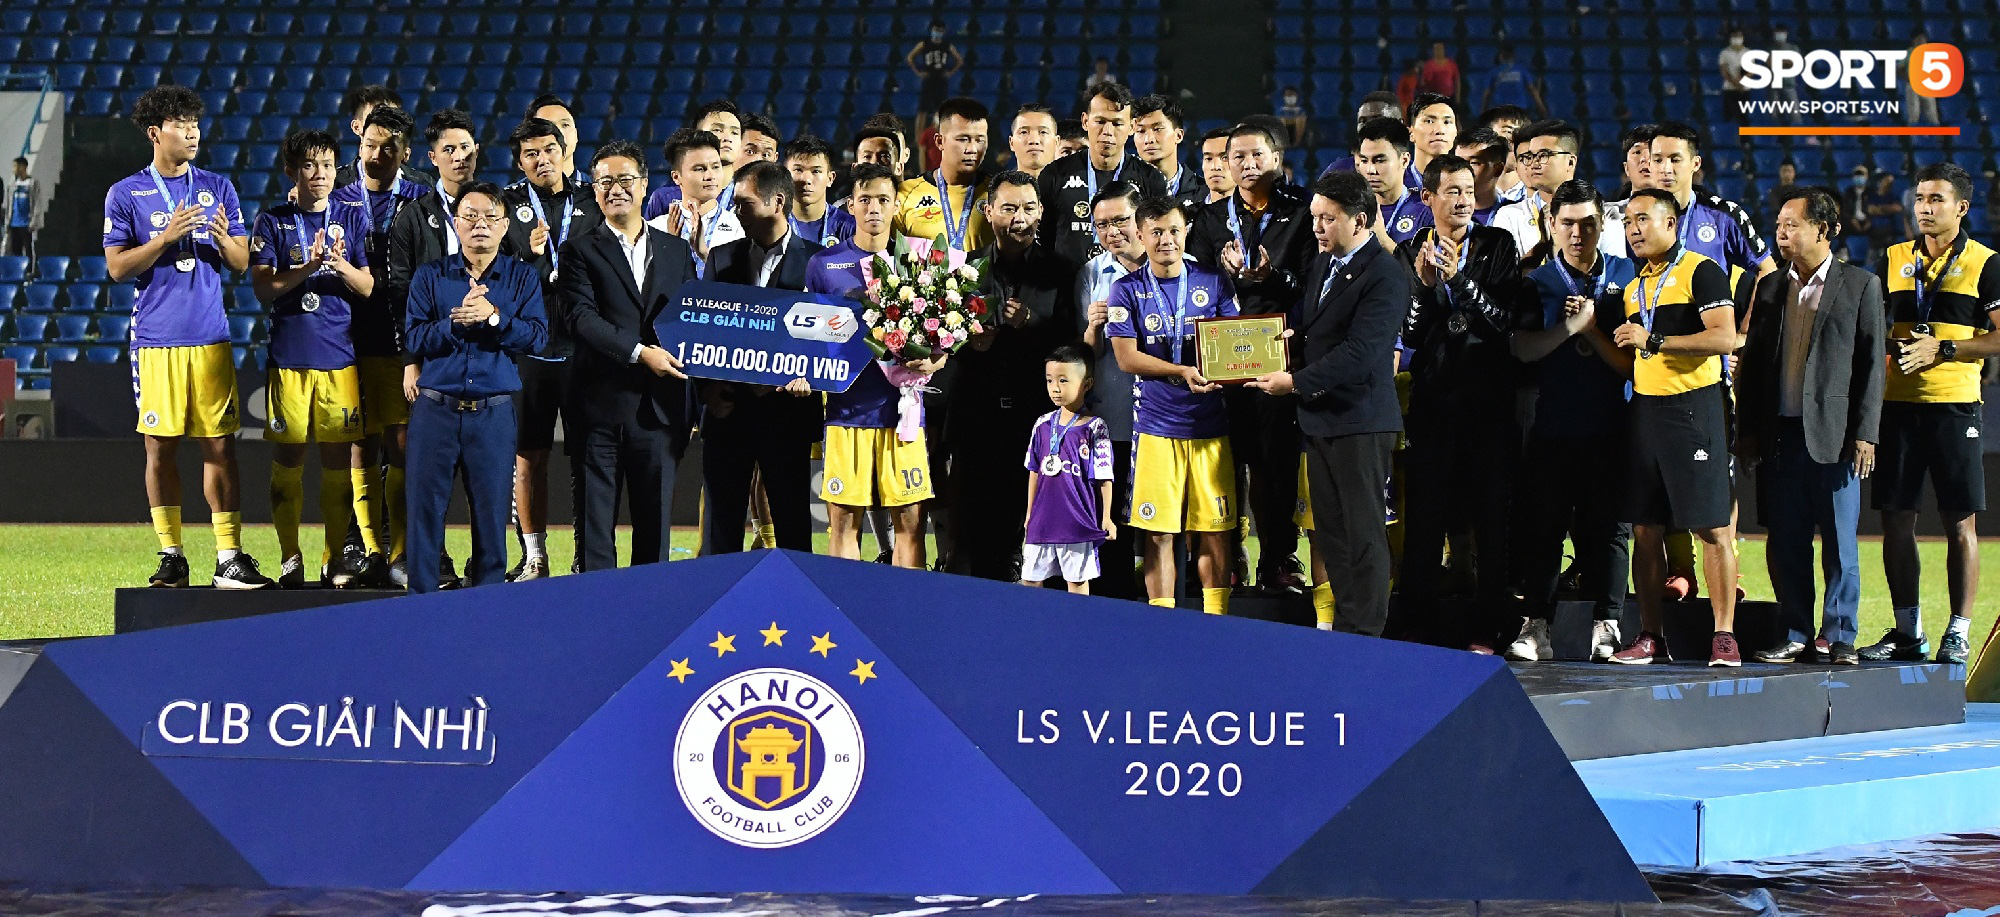 Bầu Hiển xin cho phụ huynh cầu thủ xuống sân, động viên tập thể Hà Nội FC: Các con đã vô địch - Ảnh 4.